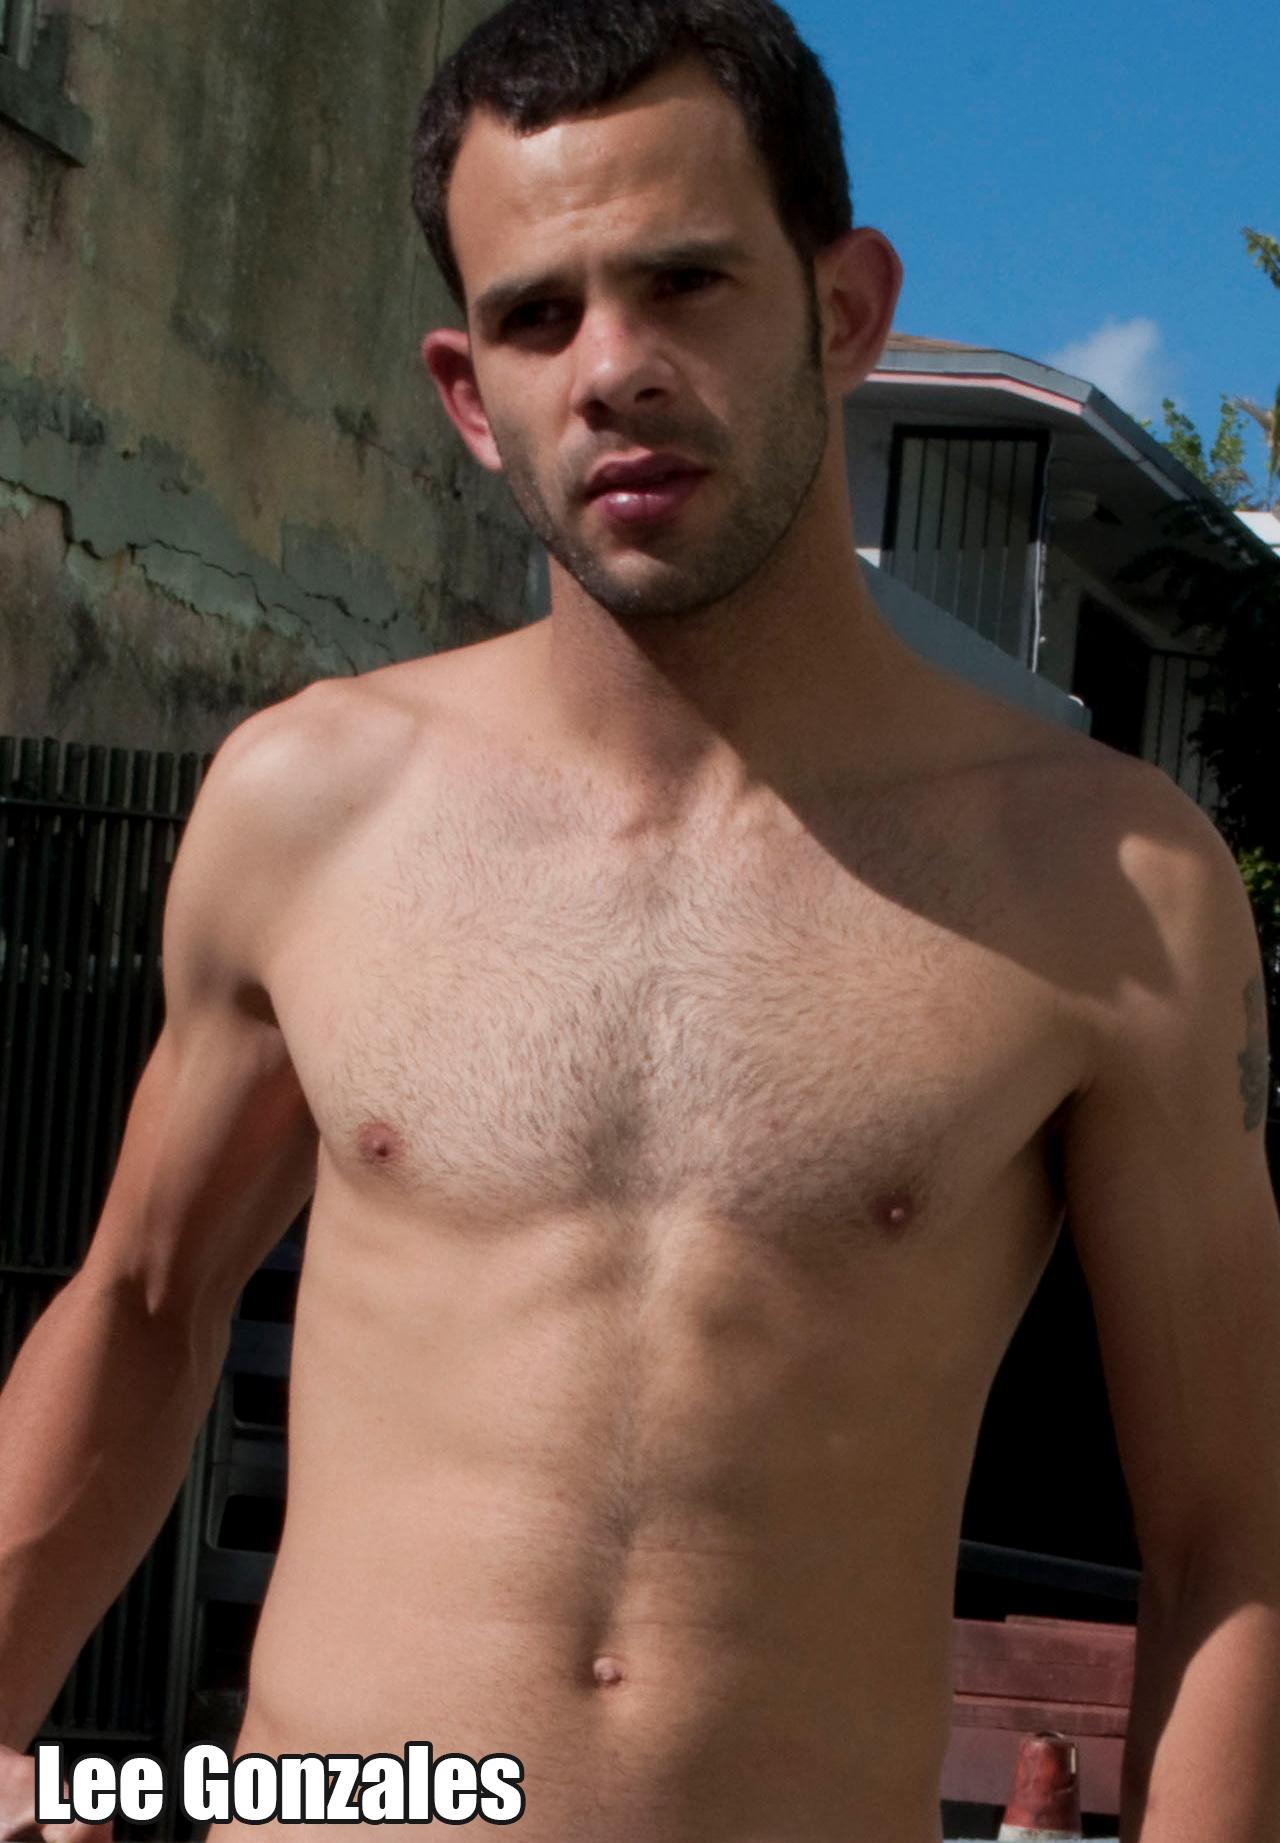 Lee Gonzales